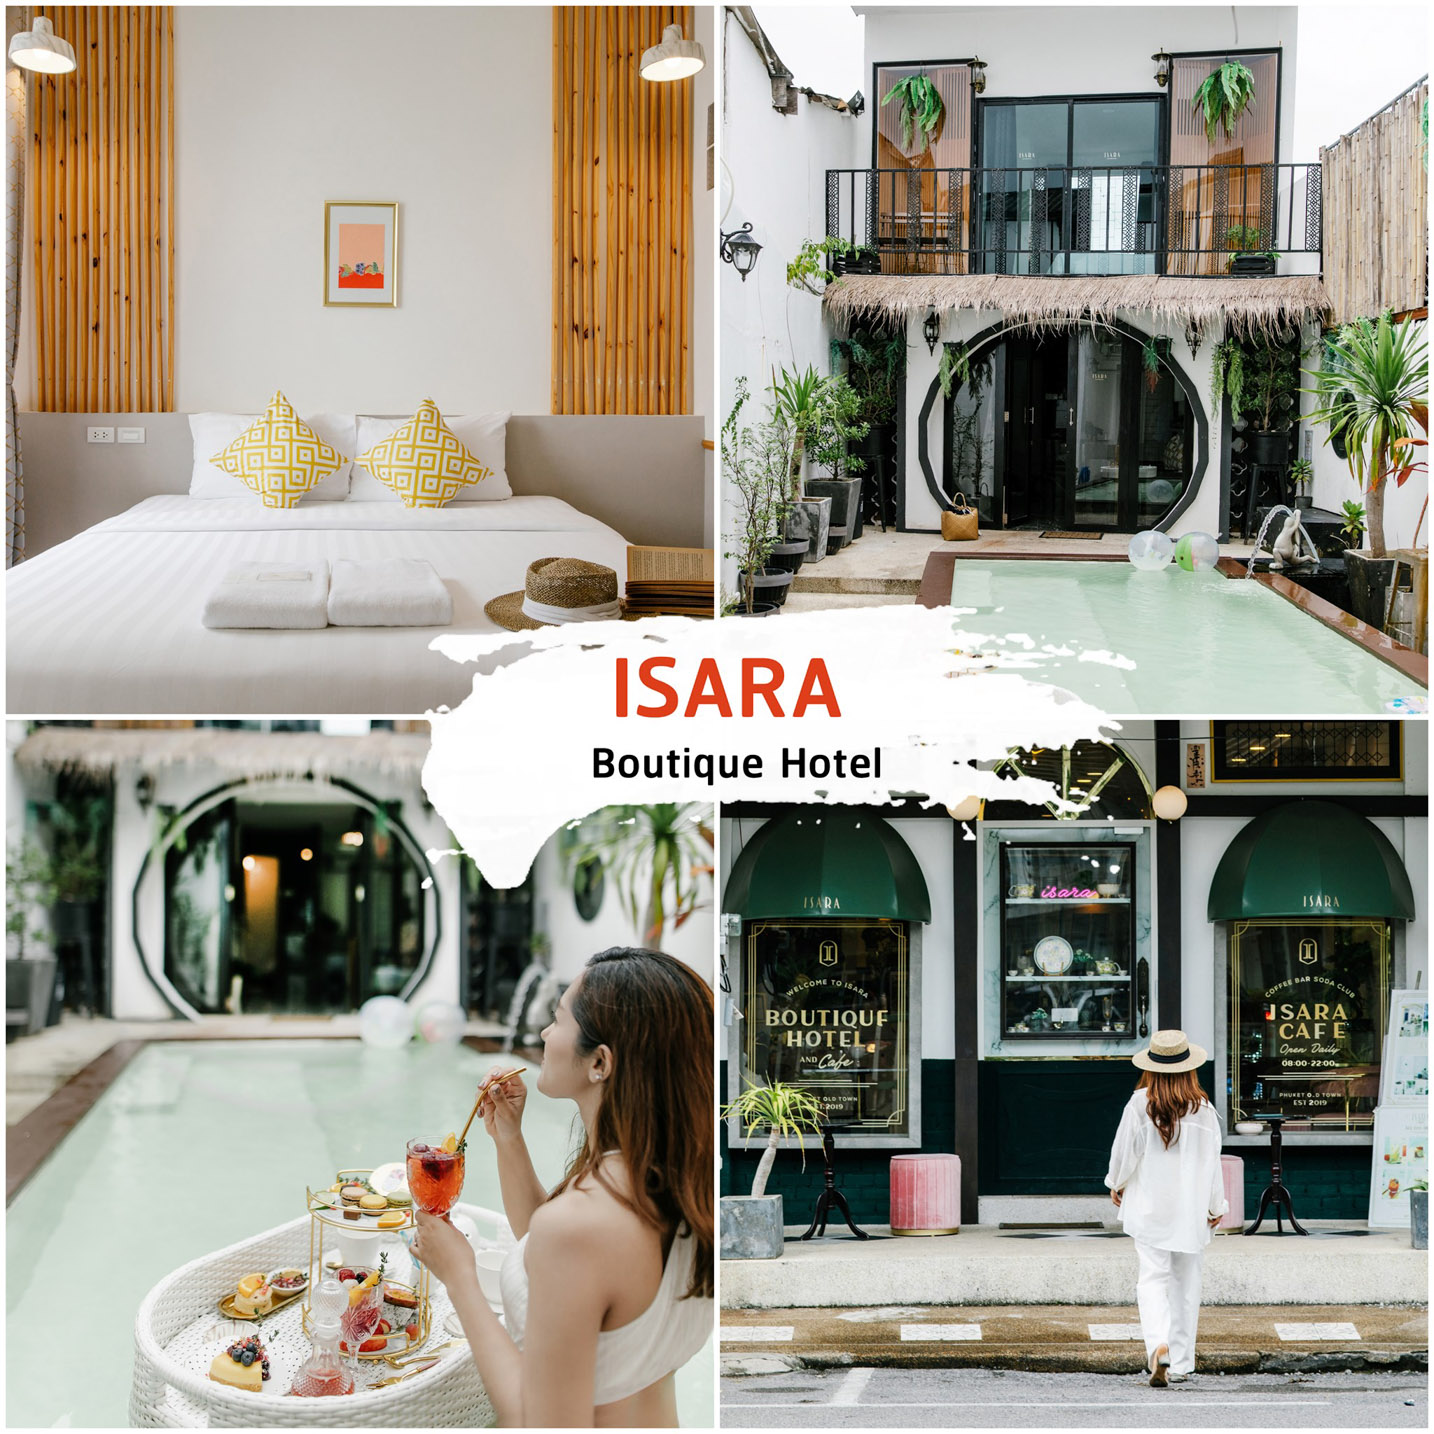 ISARA Hotel and Cafe ที่พักย่านเมืองเก่าภูเก็ต ตึกชิโนโปรตุกีส ใจกลางเมืองสุดสวย